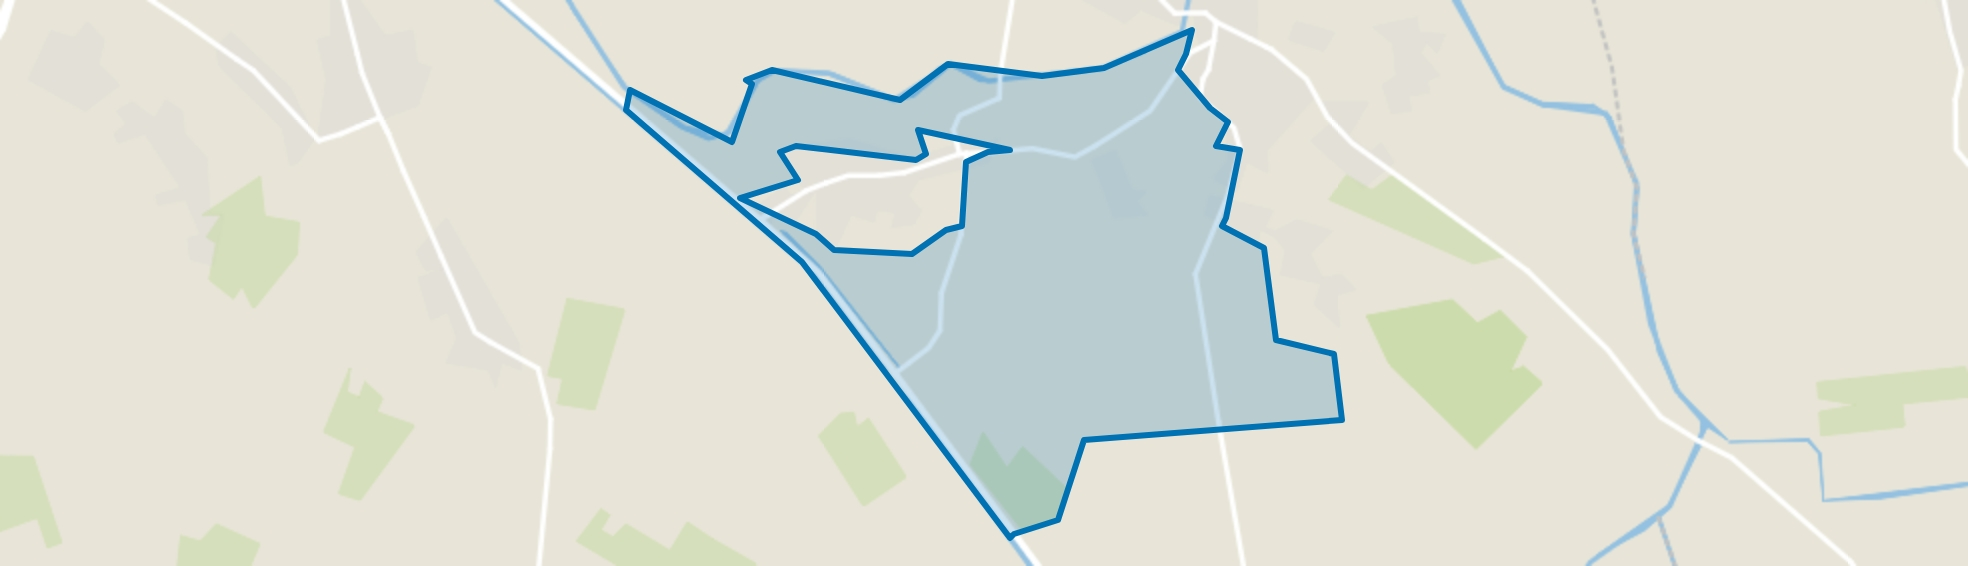 Buitengebied Keldonk, Erp map